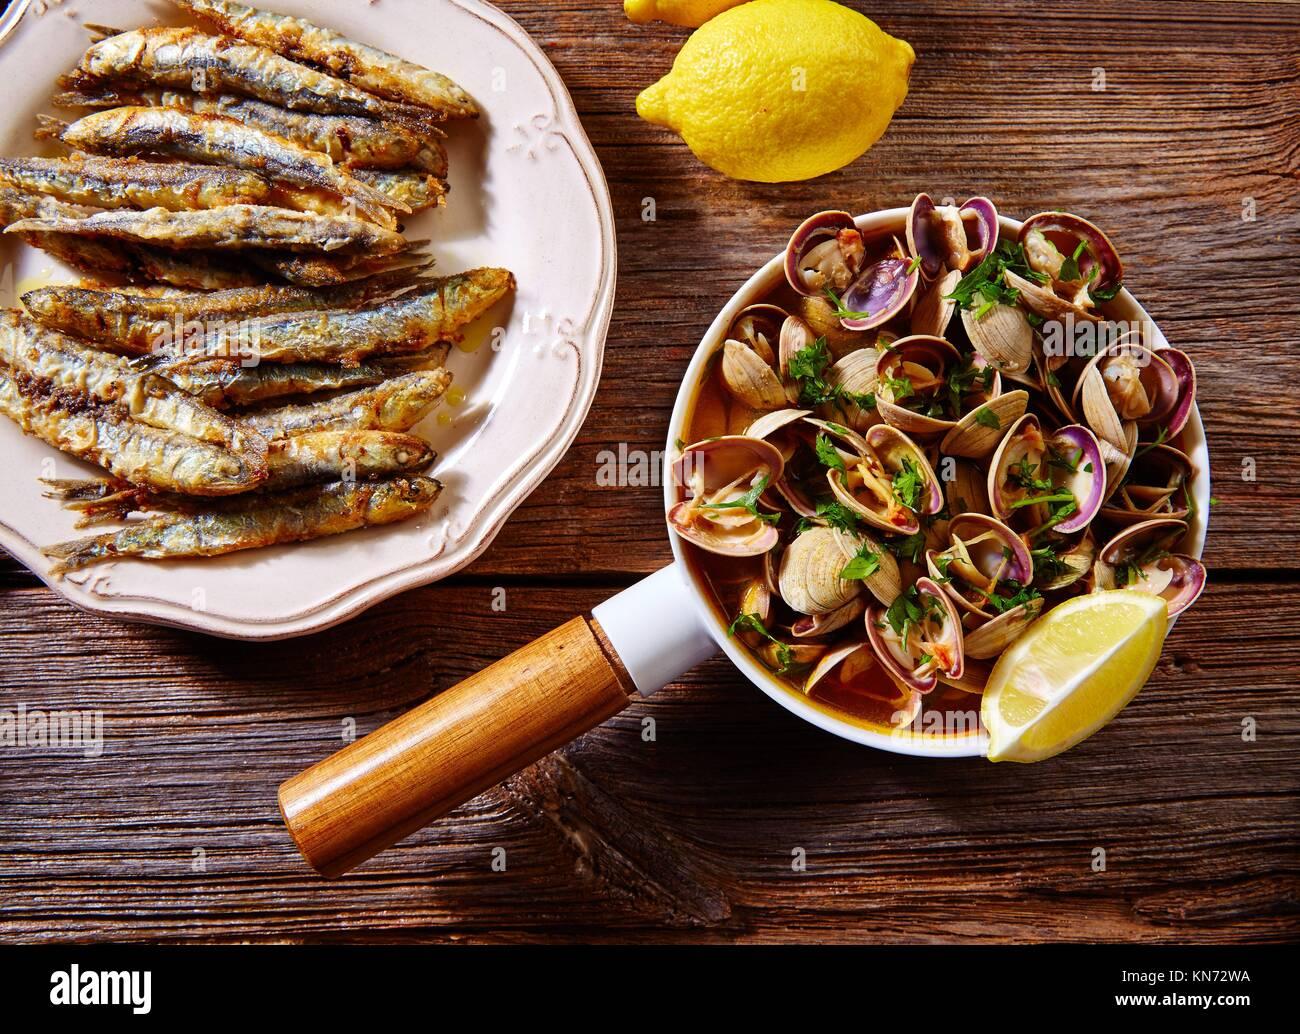 Fruits de mer espagnol Tapas palourdes Crevettes calamars romana et fried anchois poisson. Photo Stock